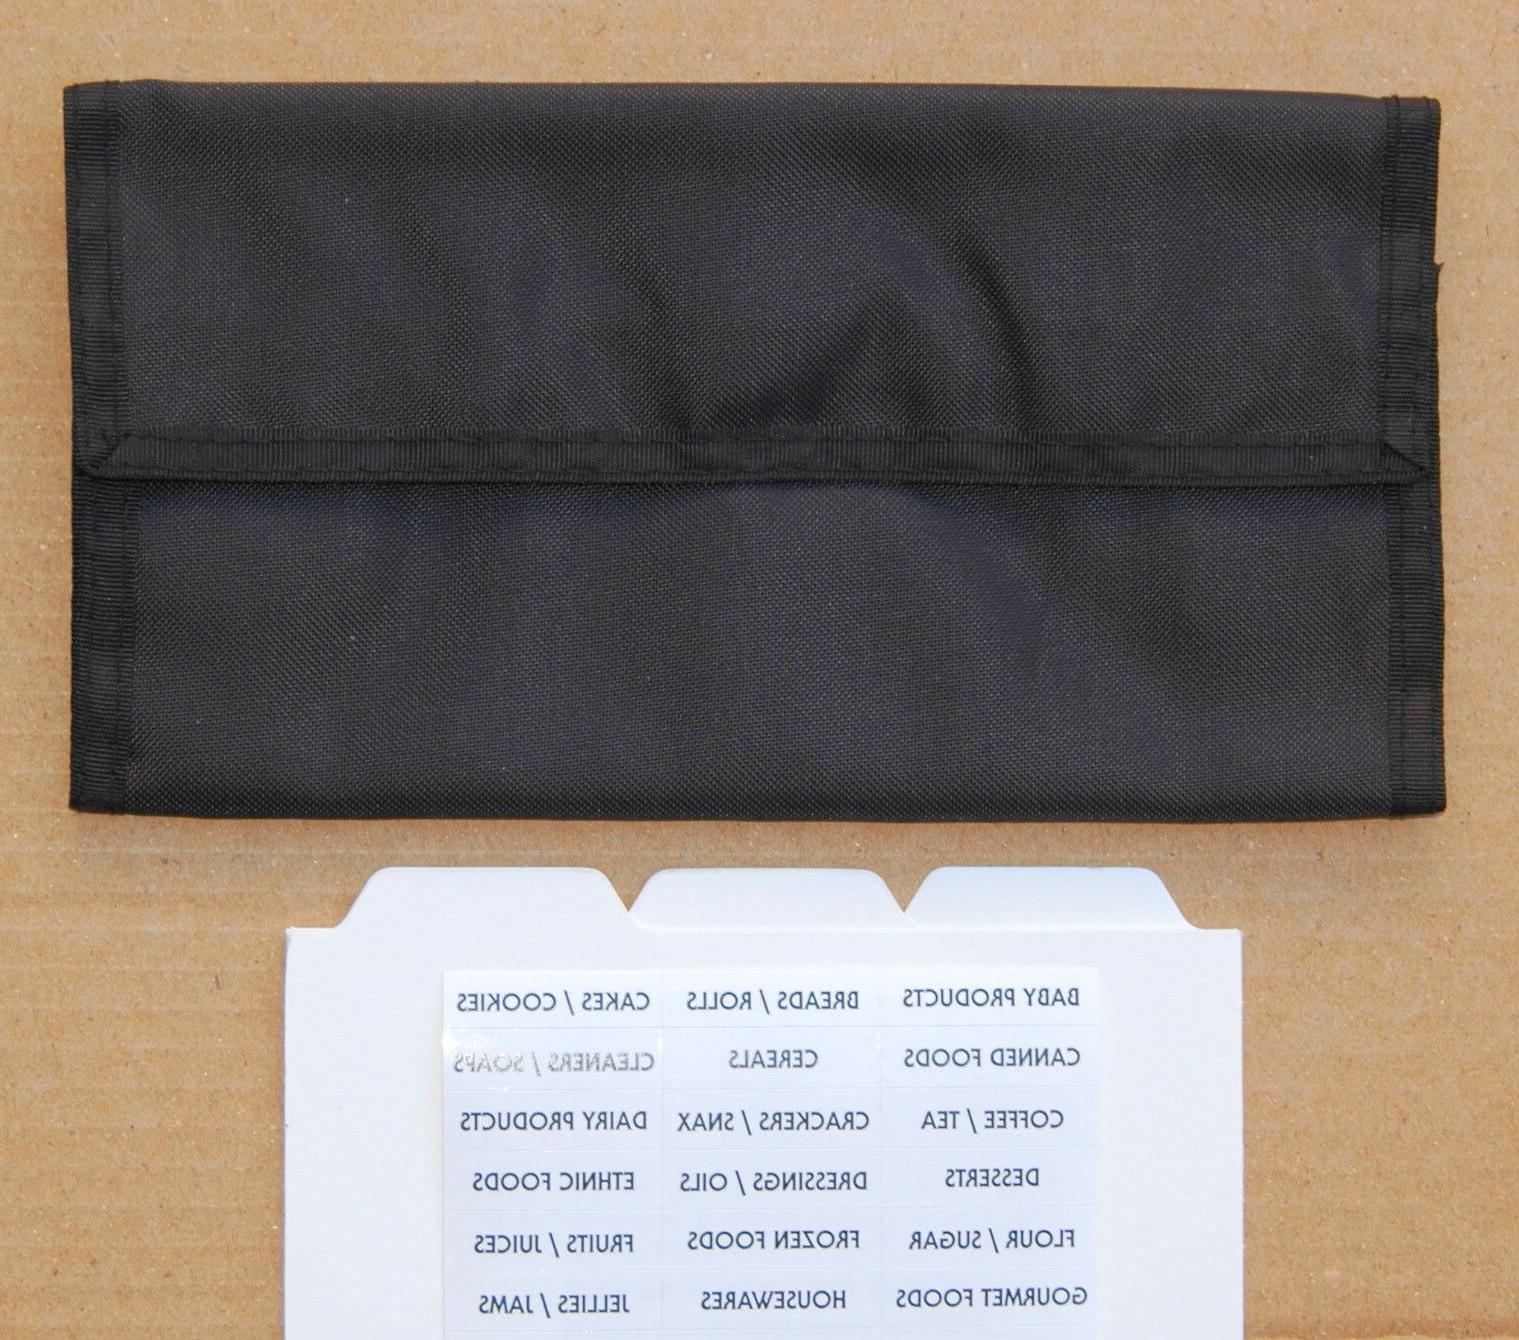 black coupon organizer holder